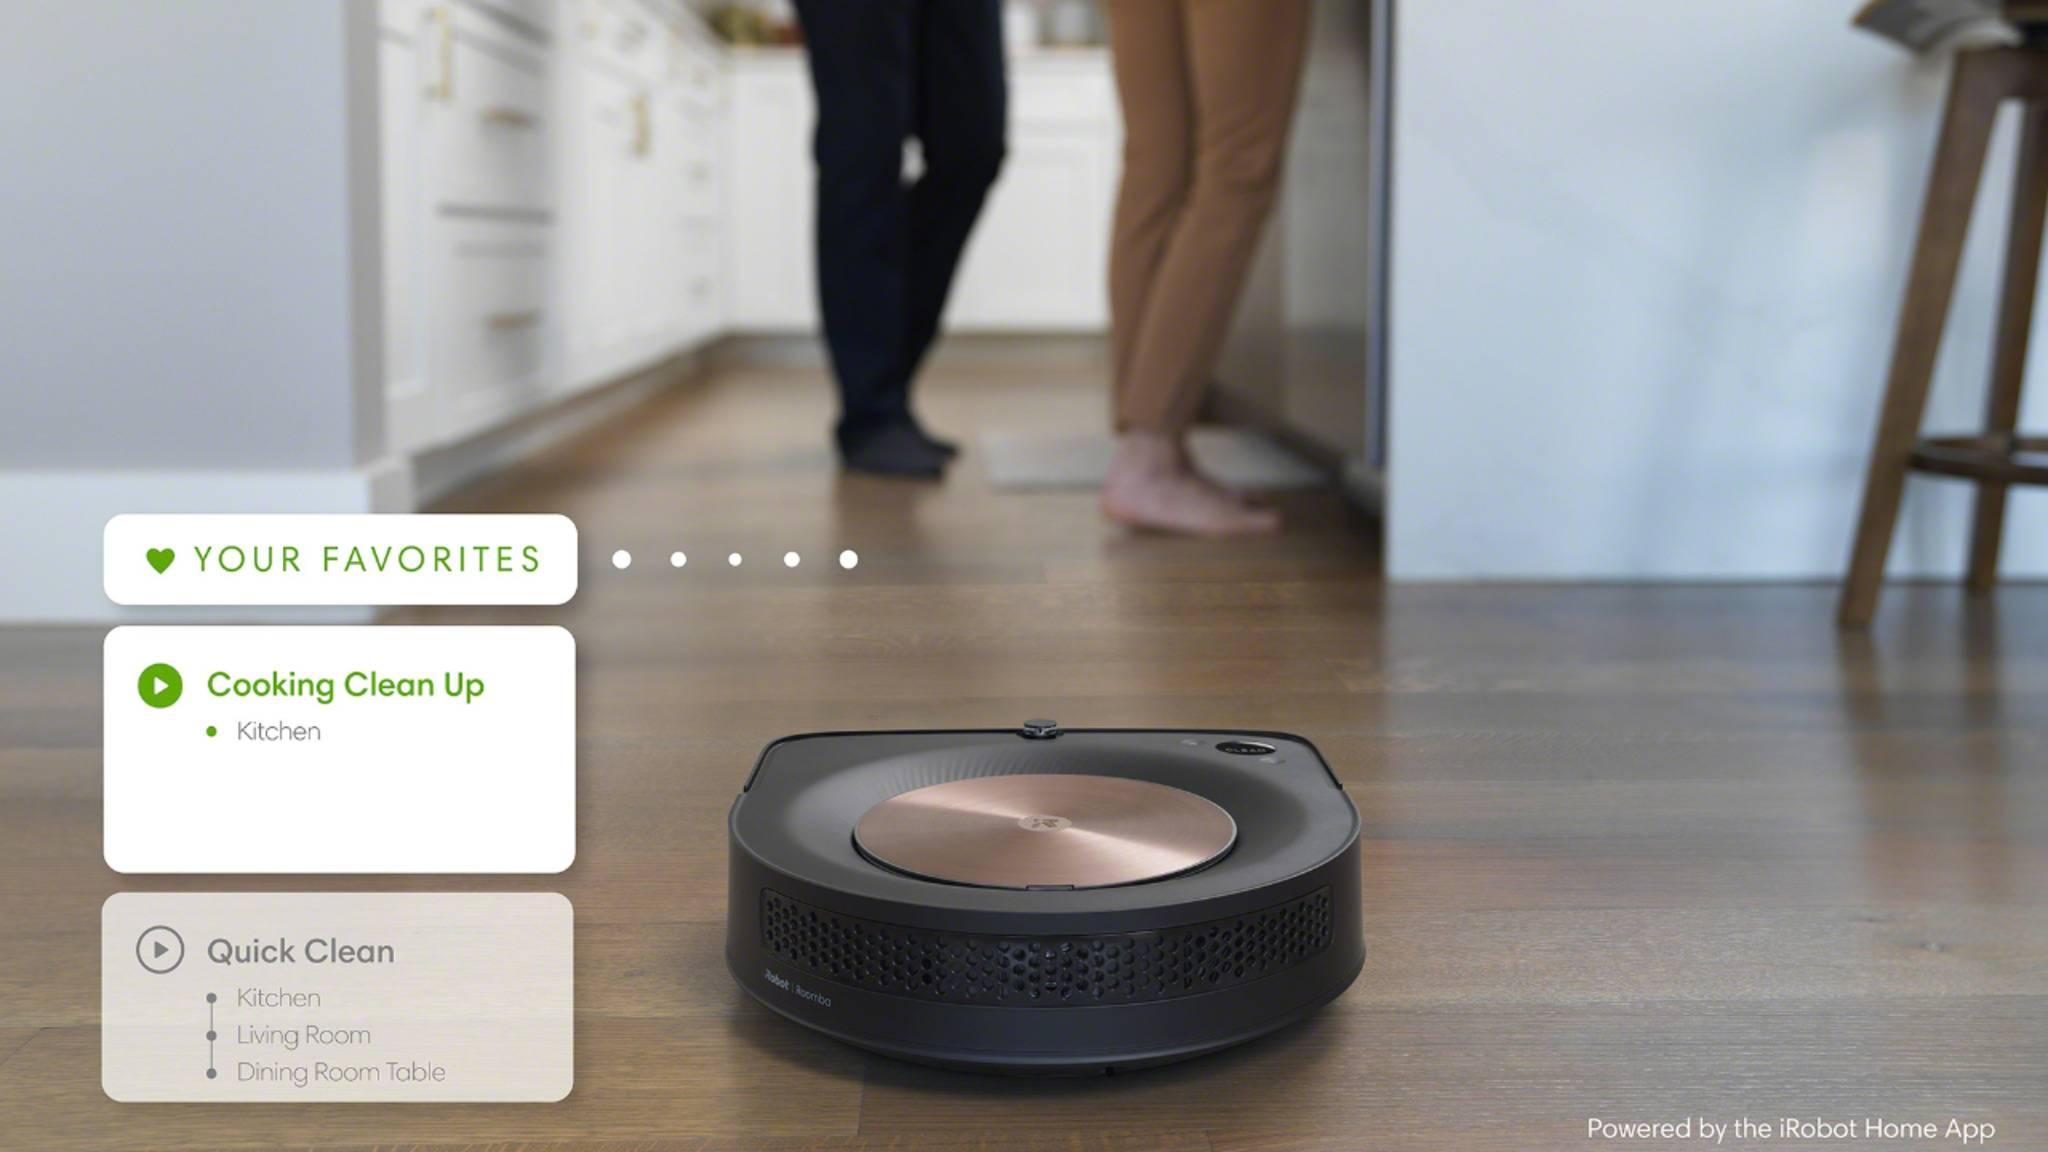 Mit neuen smarten Features sollen die Saugroboter von iRobot dem Anwender noch besser im Haushalt helfen.